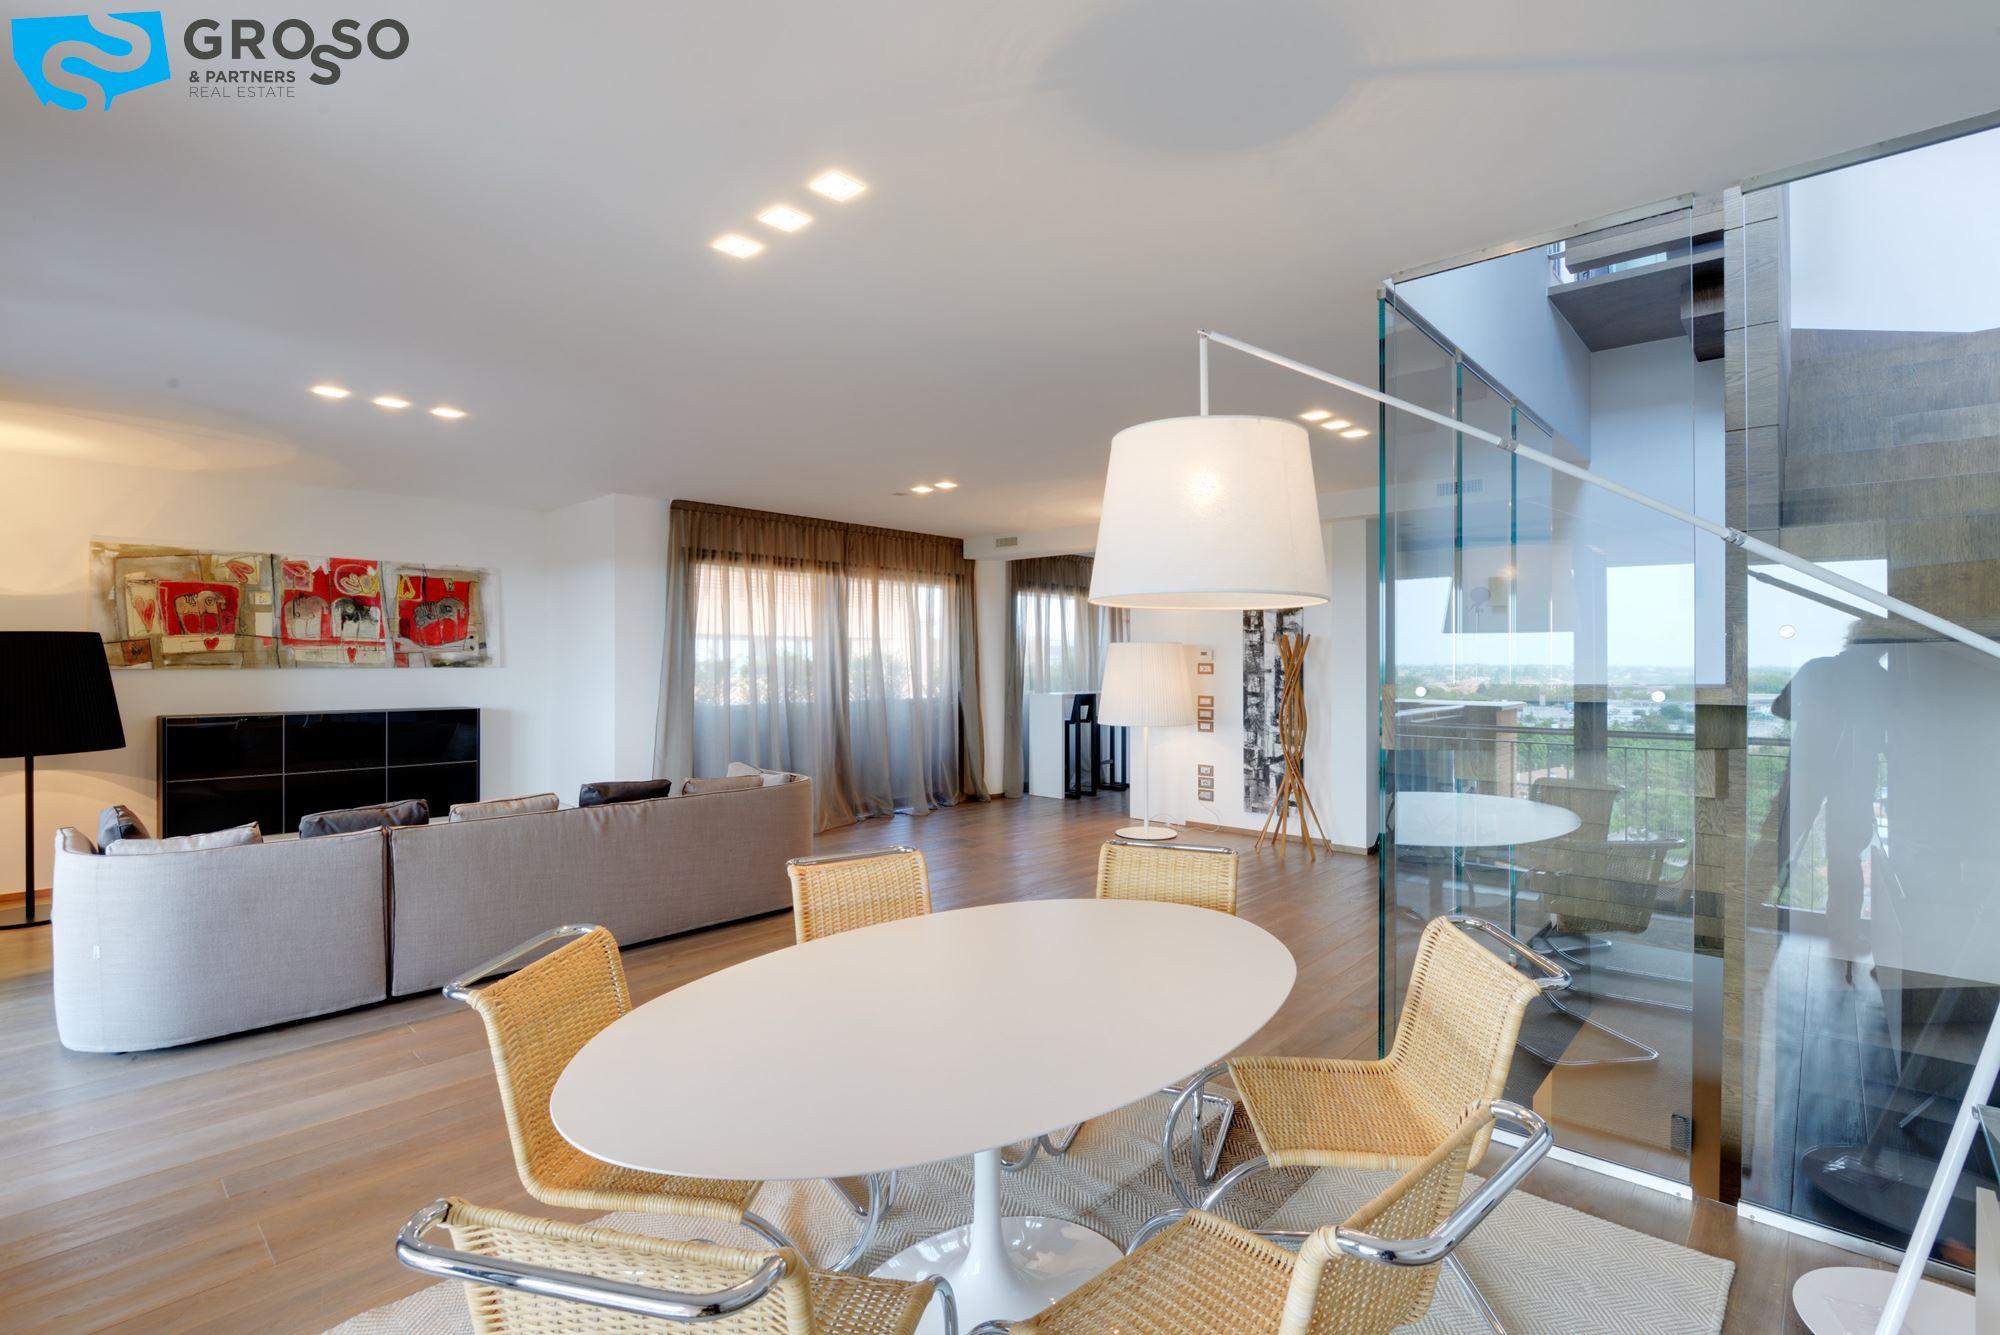 Vendita Appartamenti A Milano